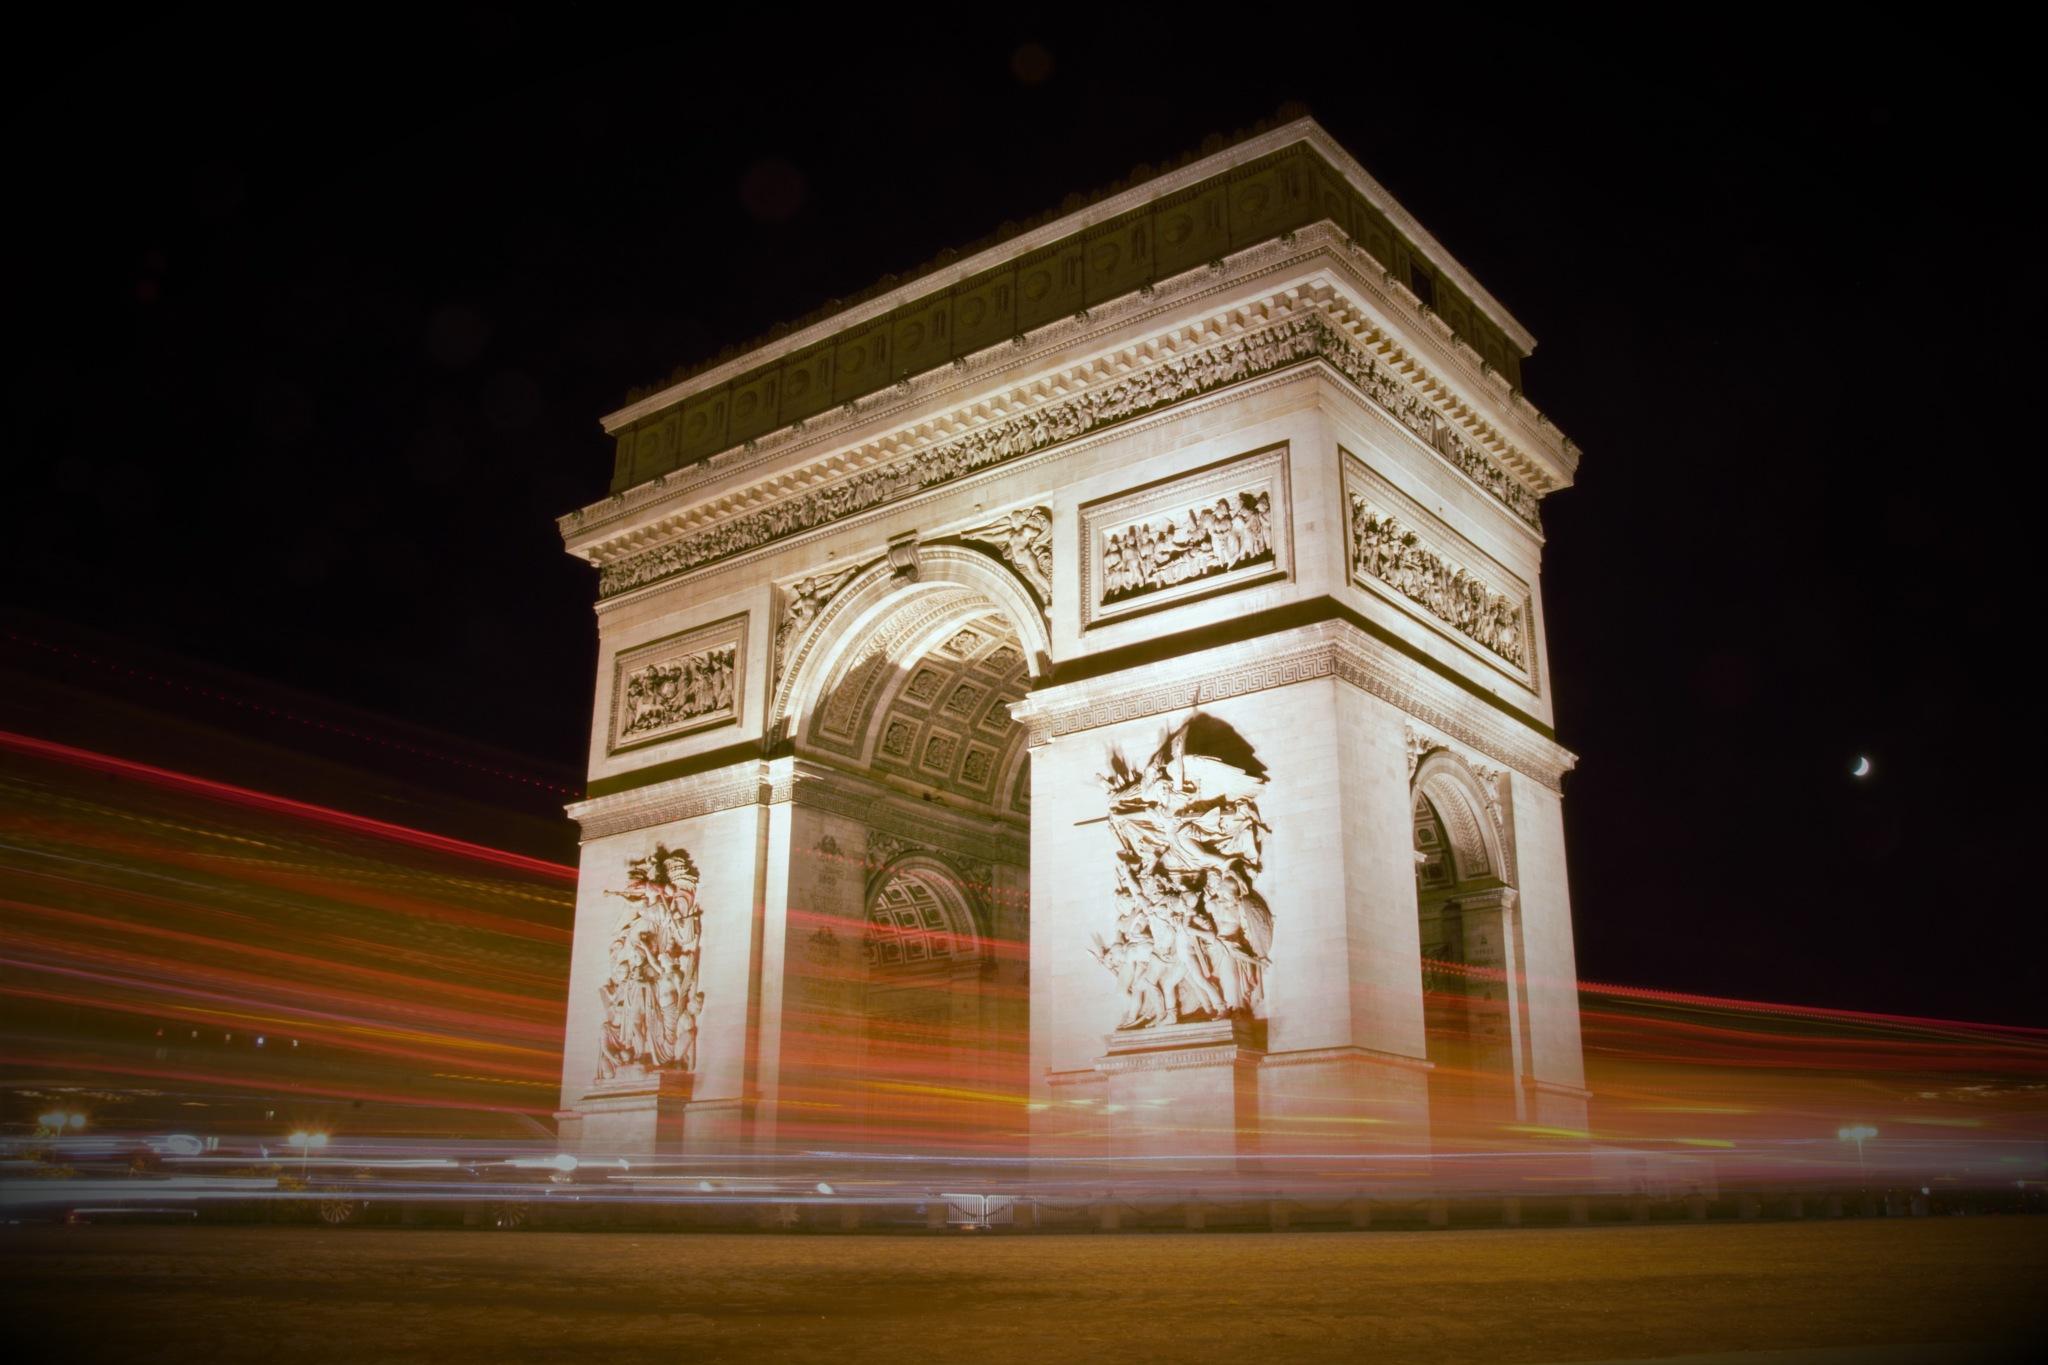 Arc de triomphe de nuit by Chema Arceo Félix